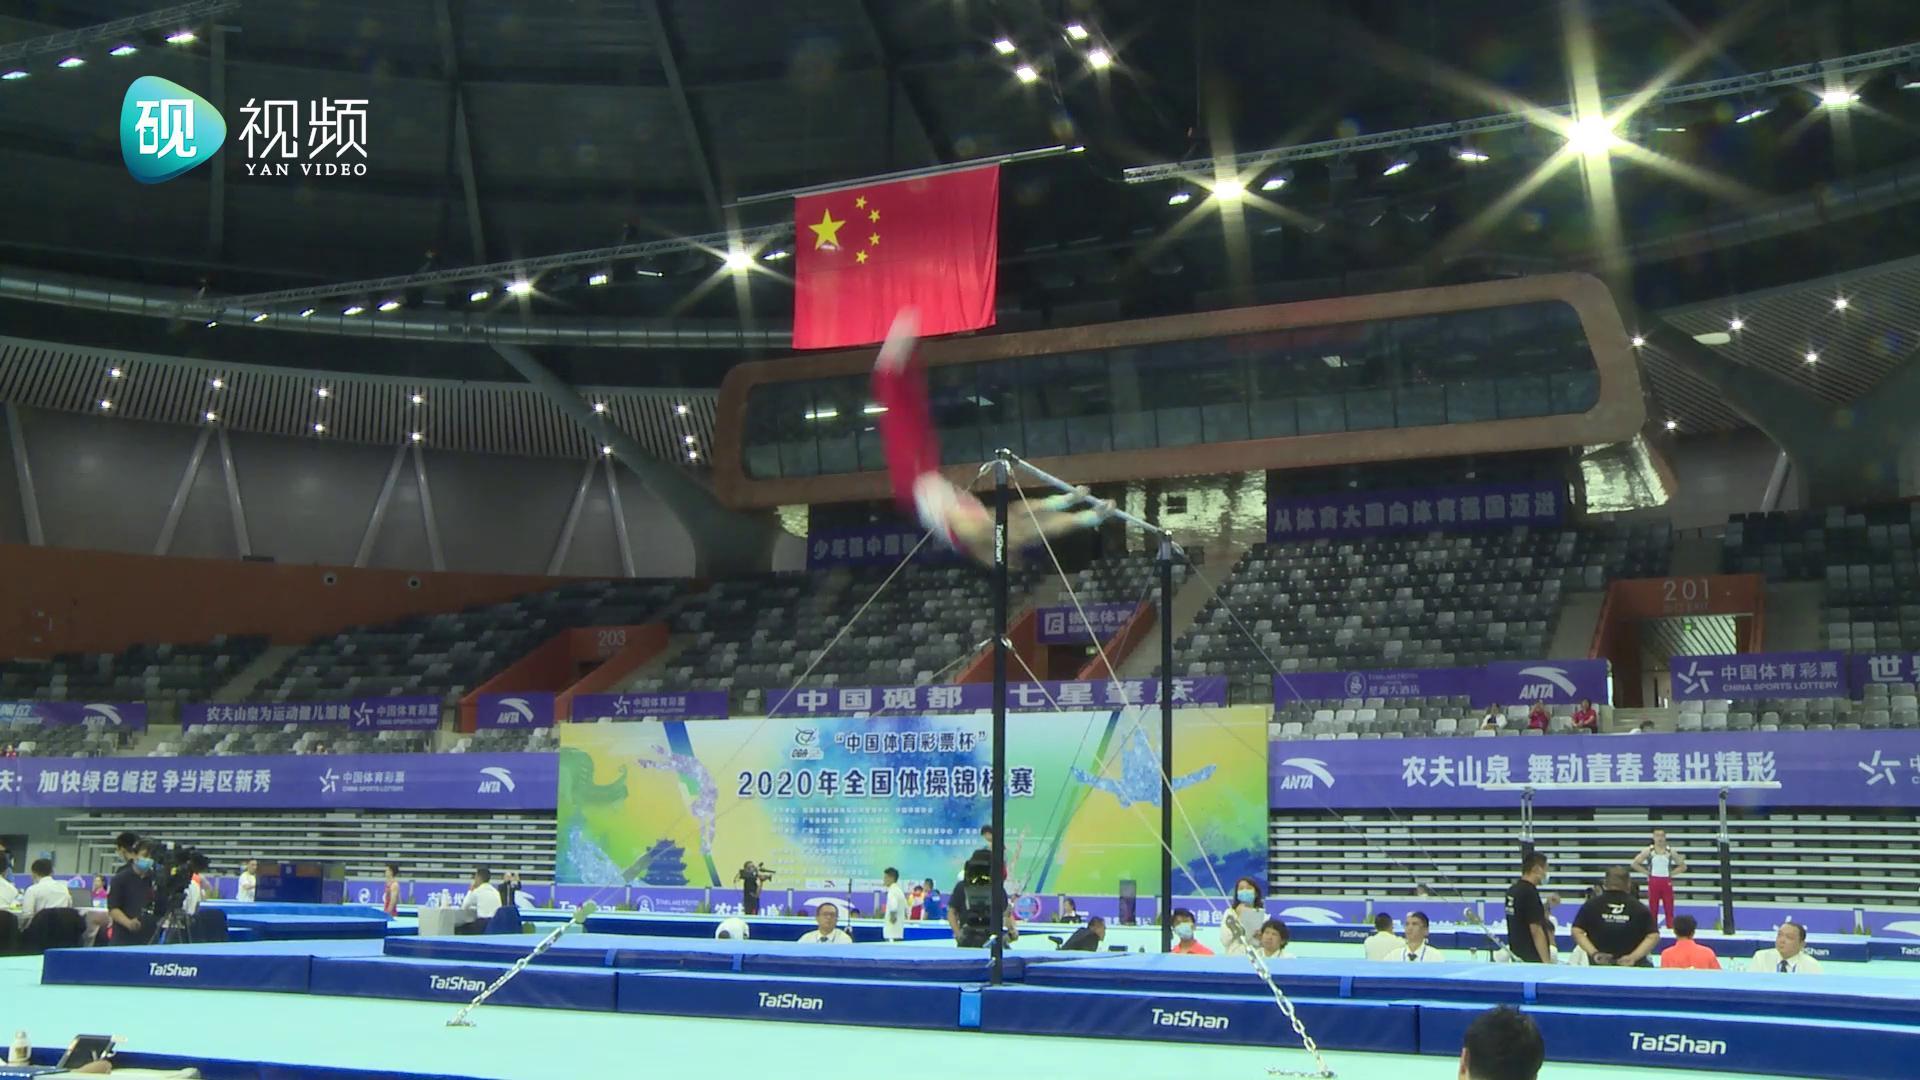 2020年全国体操锦标赛在nba虎扑篮球:新区开赛——江苏体操队荣获男子团体决赛冠军